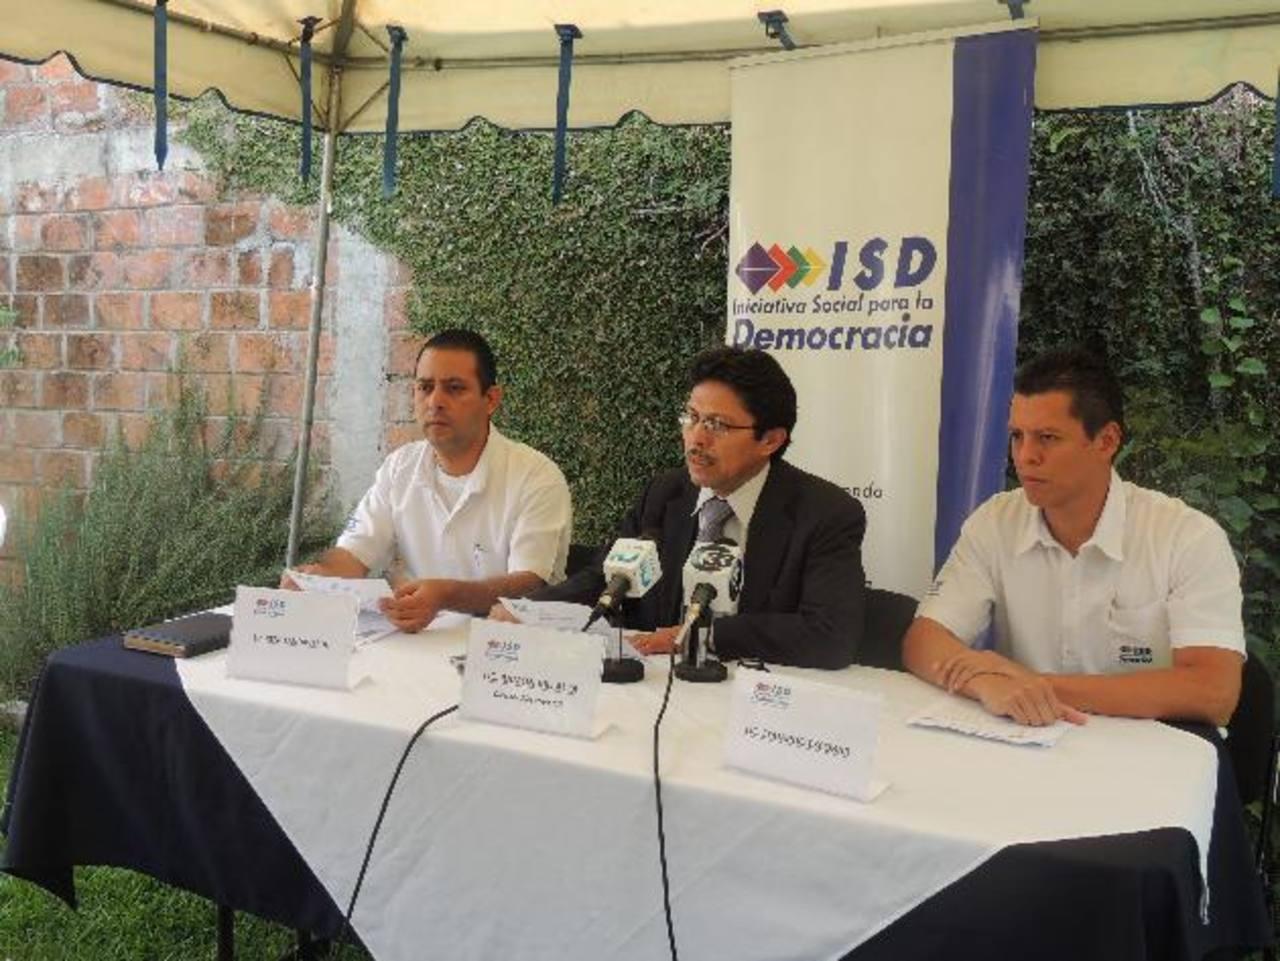 El director del ISD, Ramón Villalta (centro) en conferencia de prensa en torno al tema de las reformas a la LAIP.